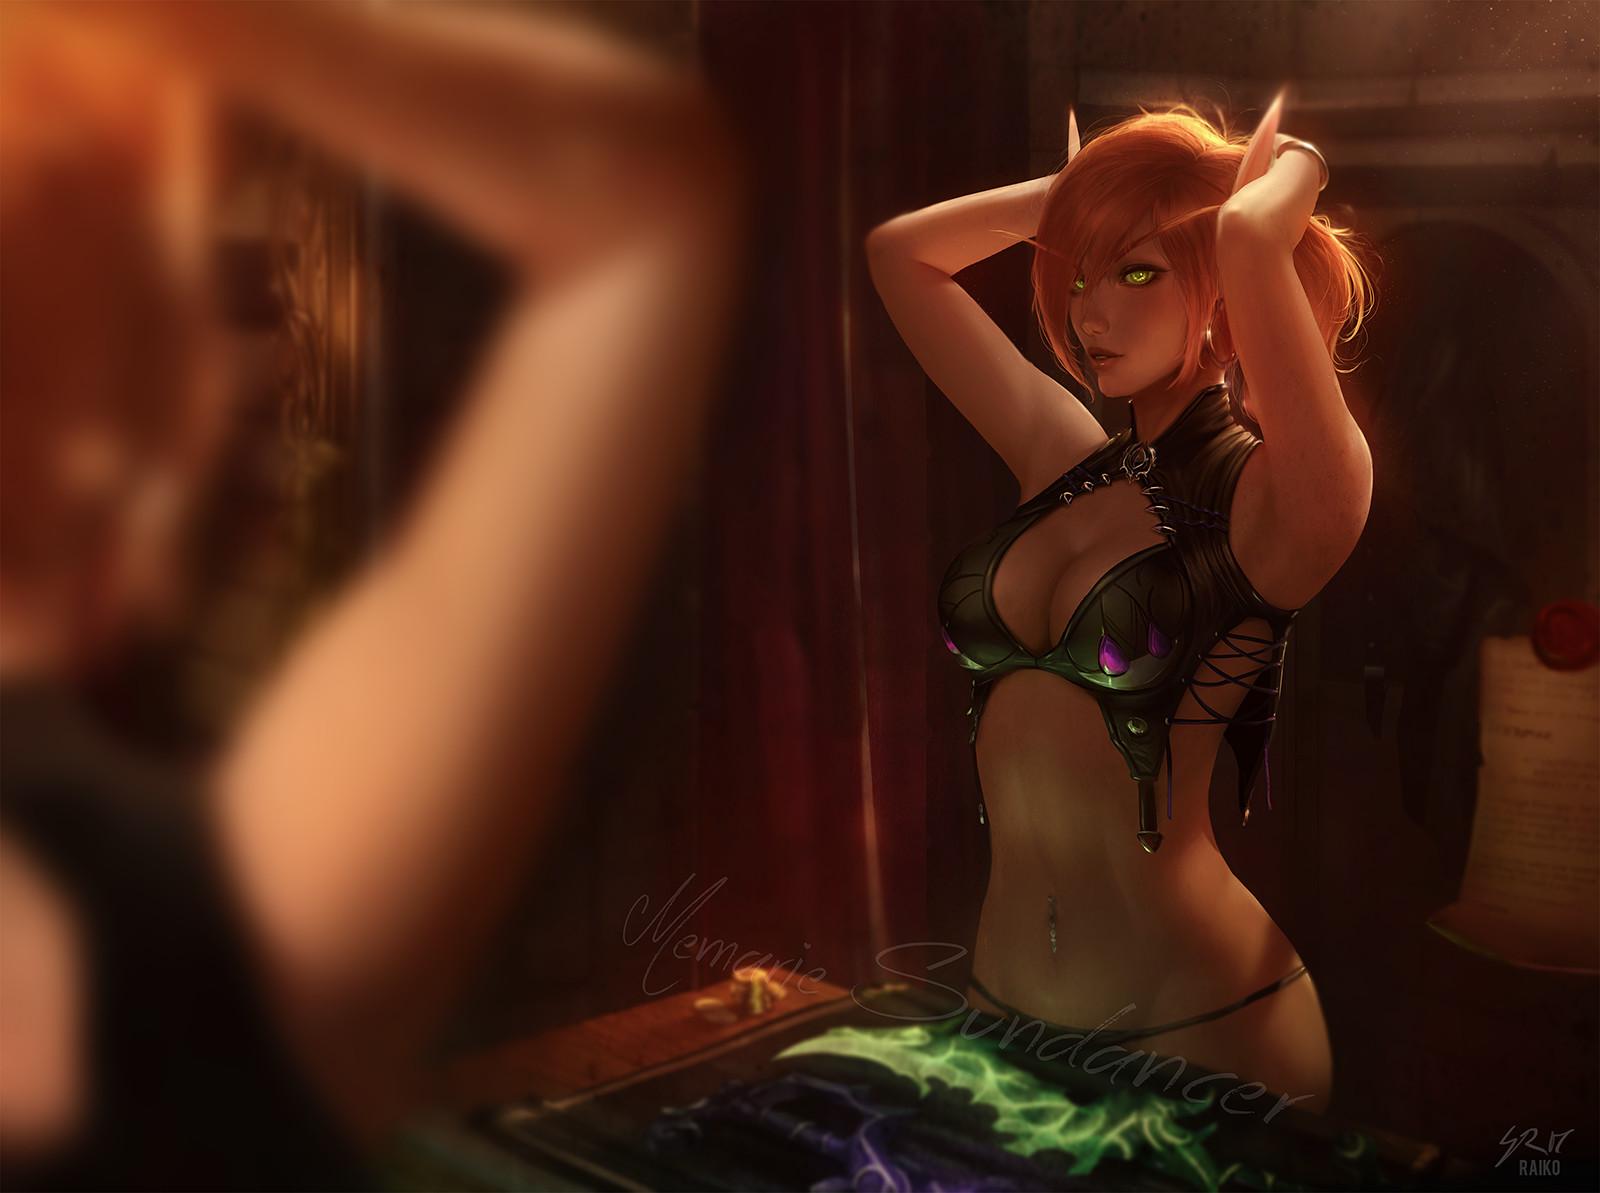 Пятничный арт на эльфов — World of Warcraft, Divinity: Original Sin, The Elder Scrolls